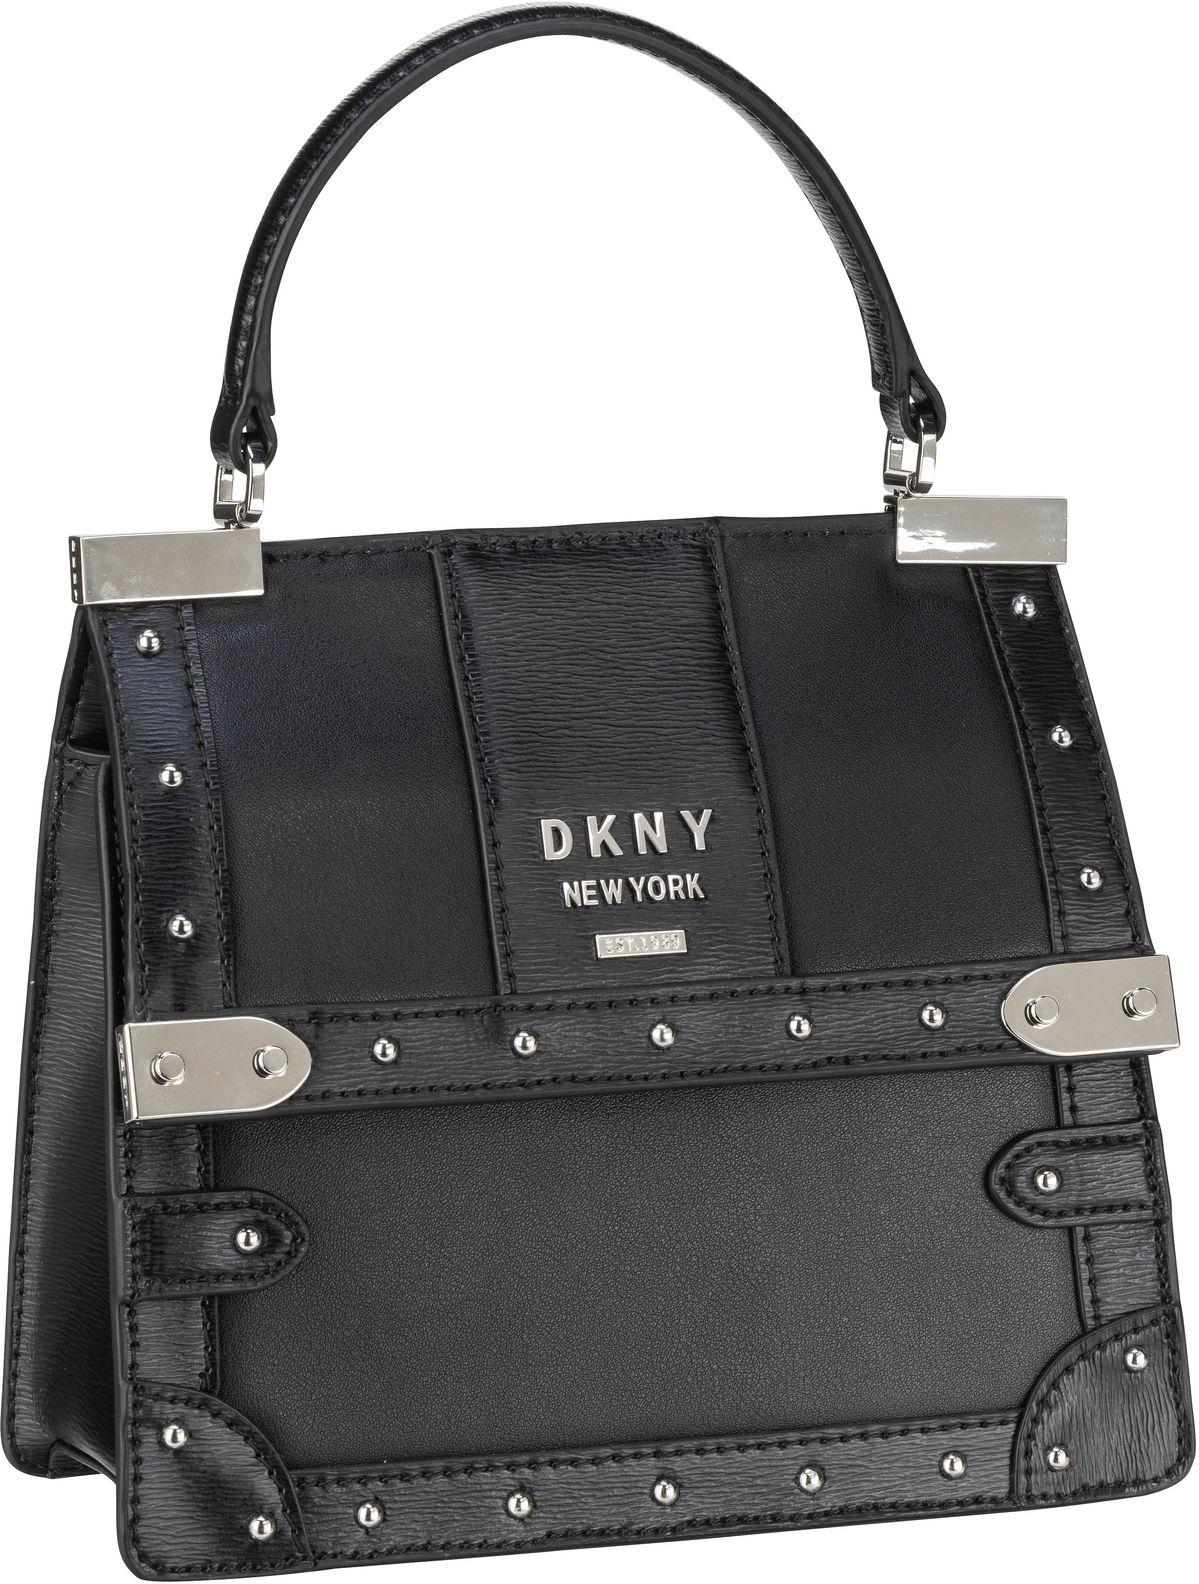 Handtasche Louise Nappa Top Handle Satchel Black/Silver